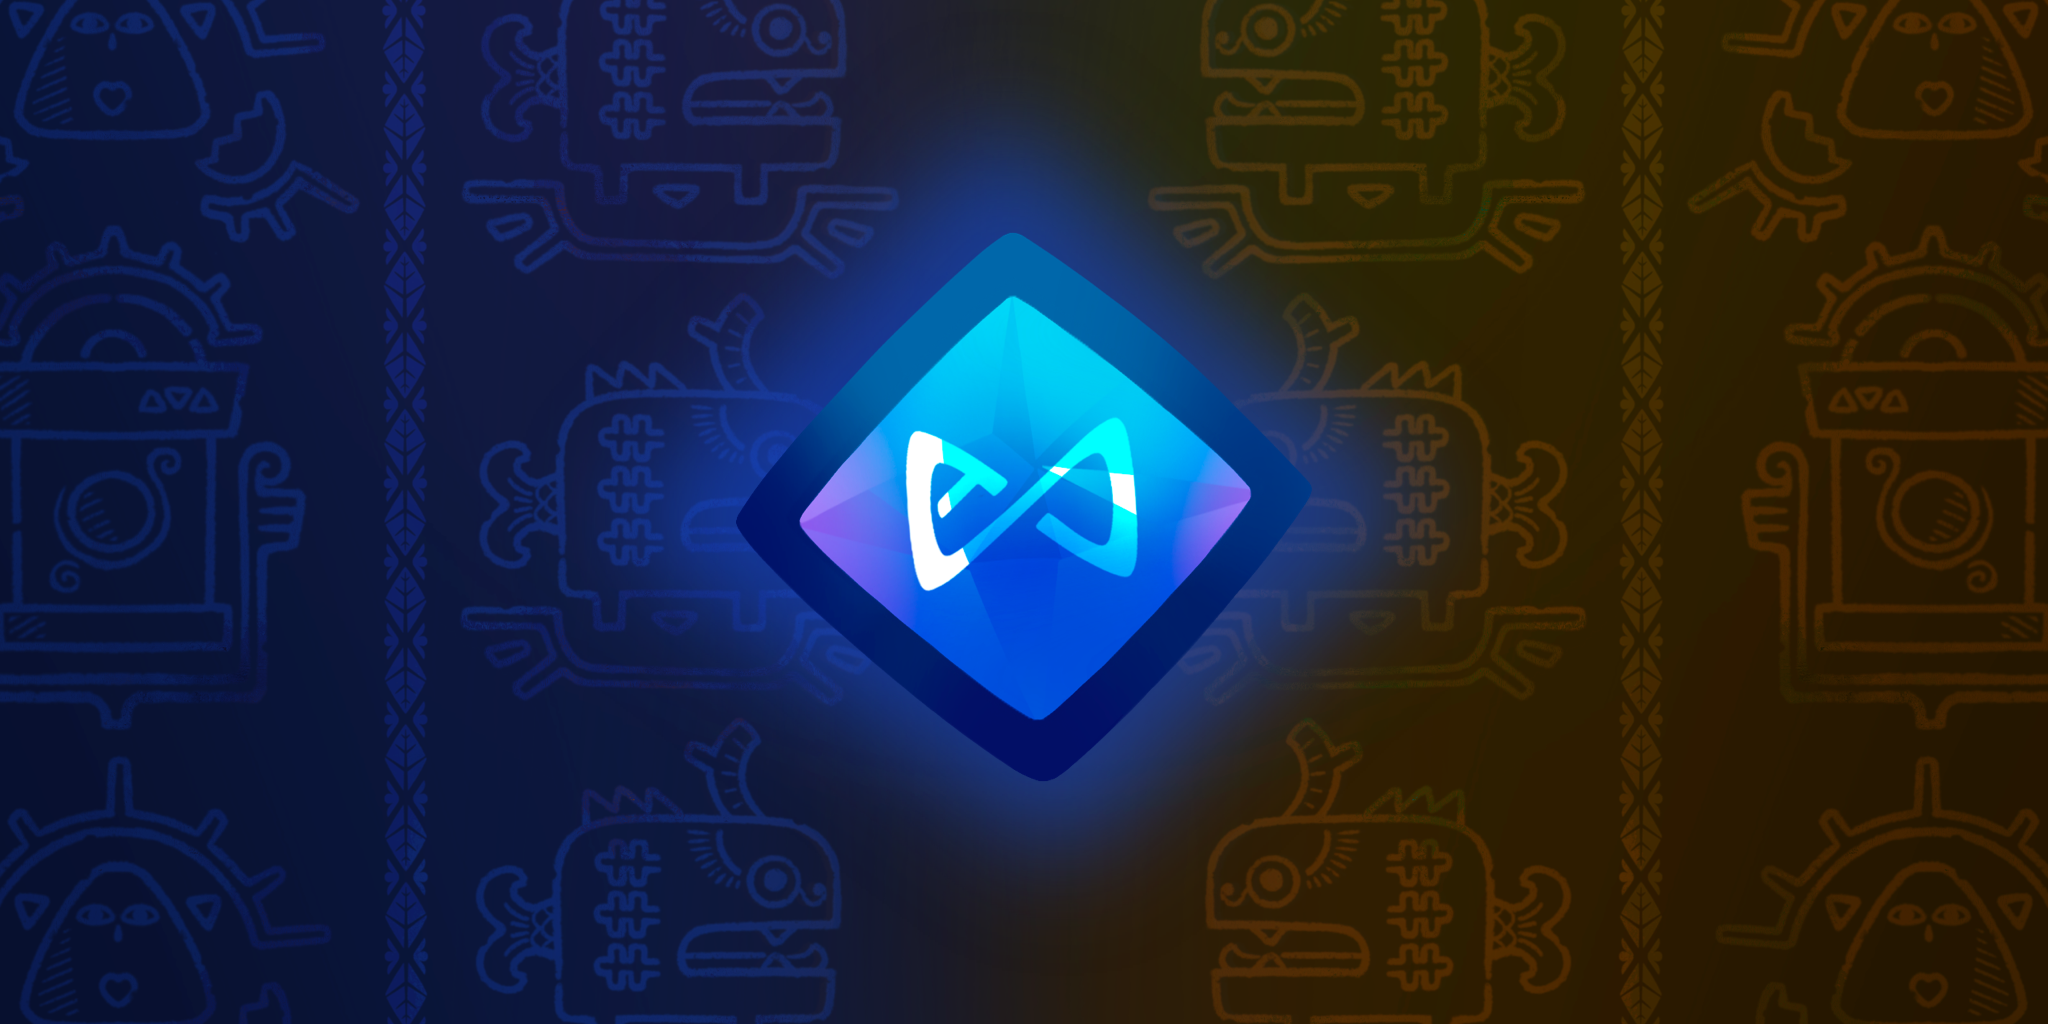 Криптовалюта AXS (Axie Infinity) - прогноз и перспективы на 2022 год